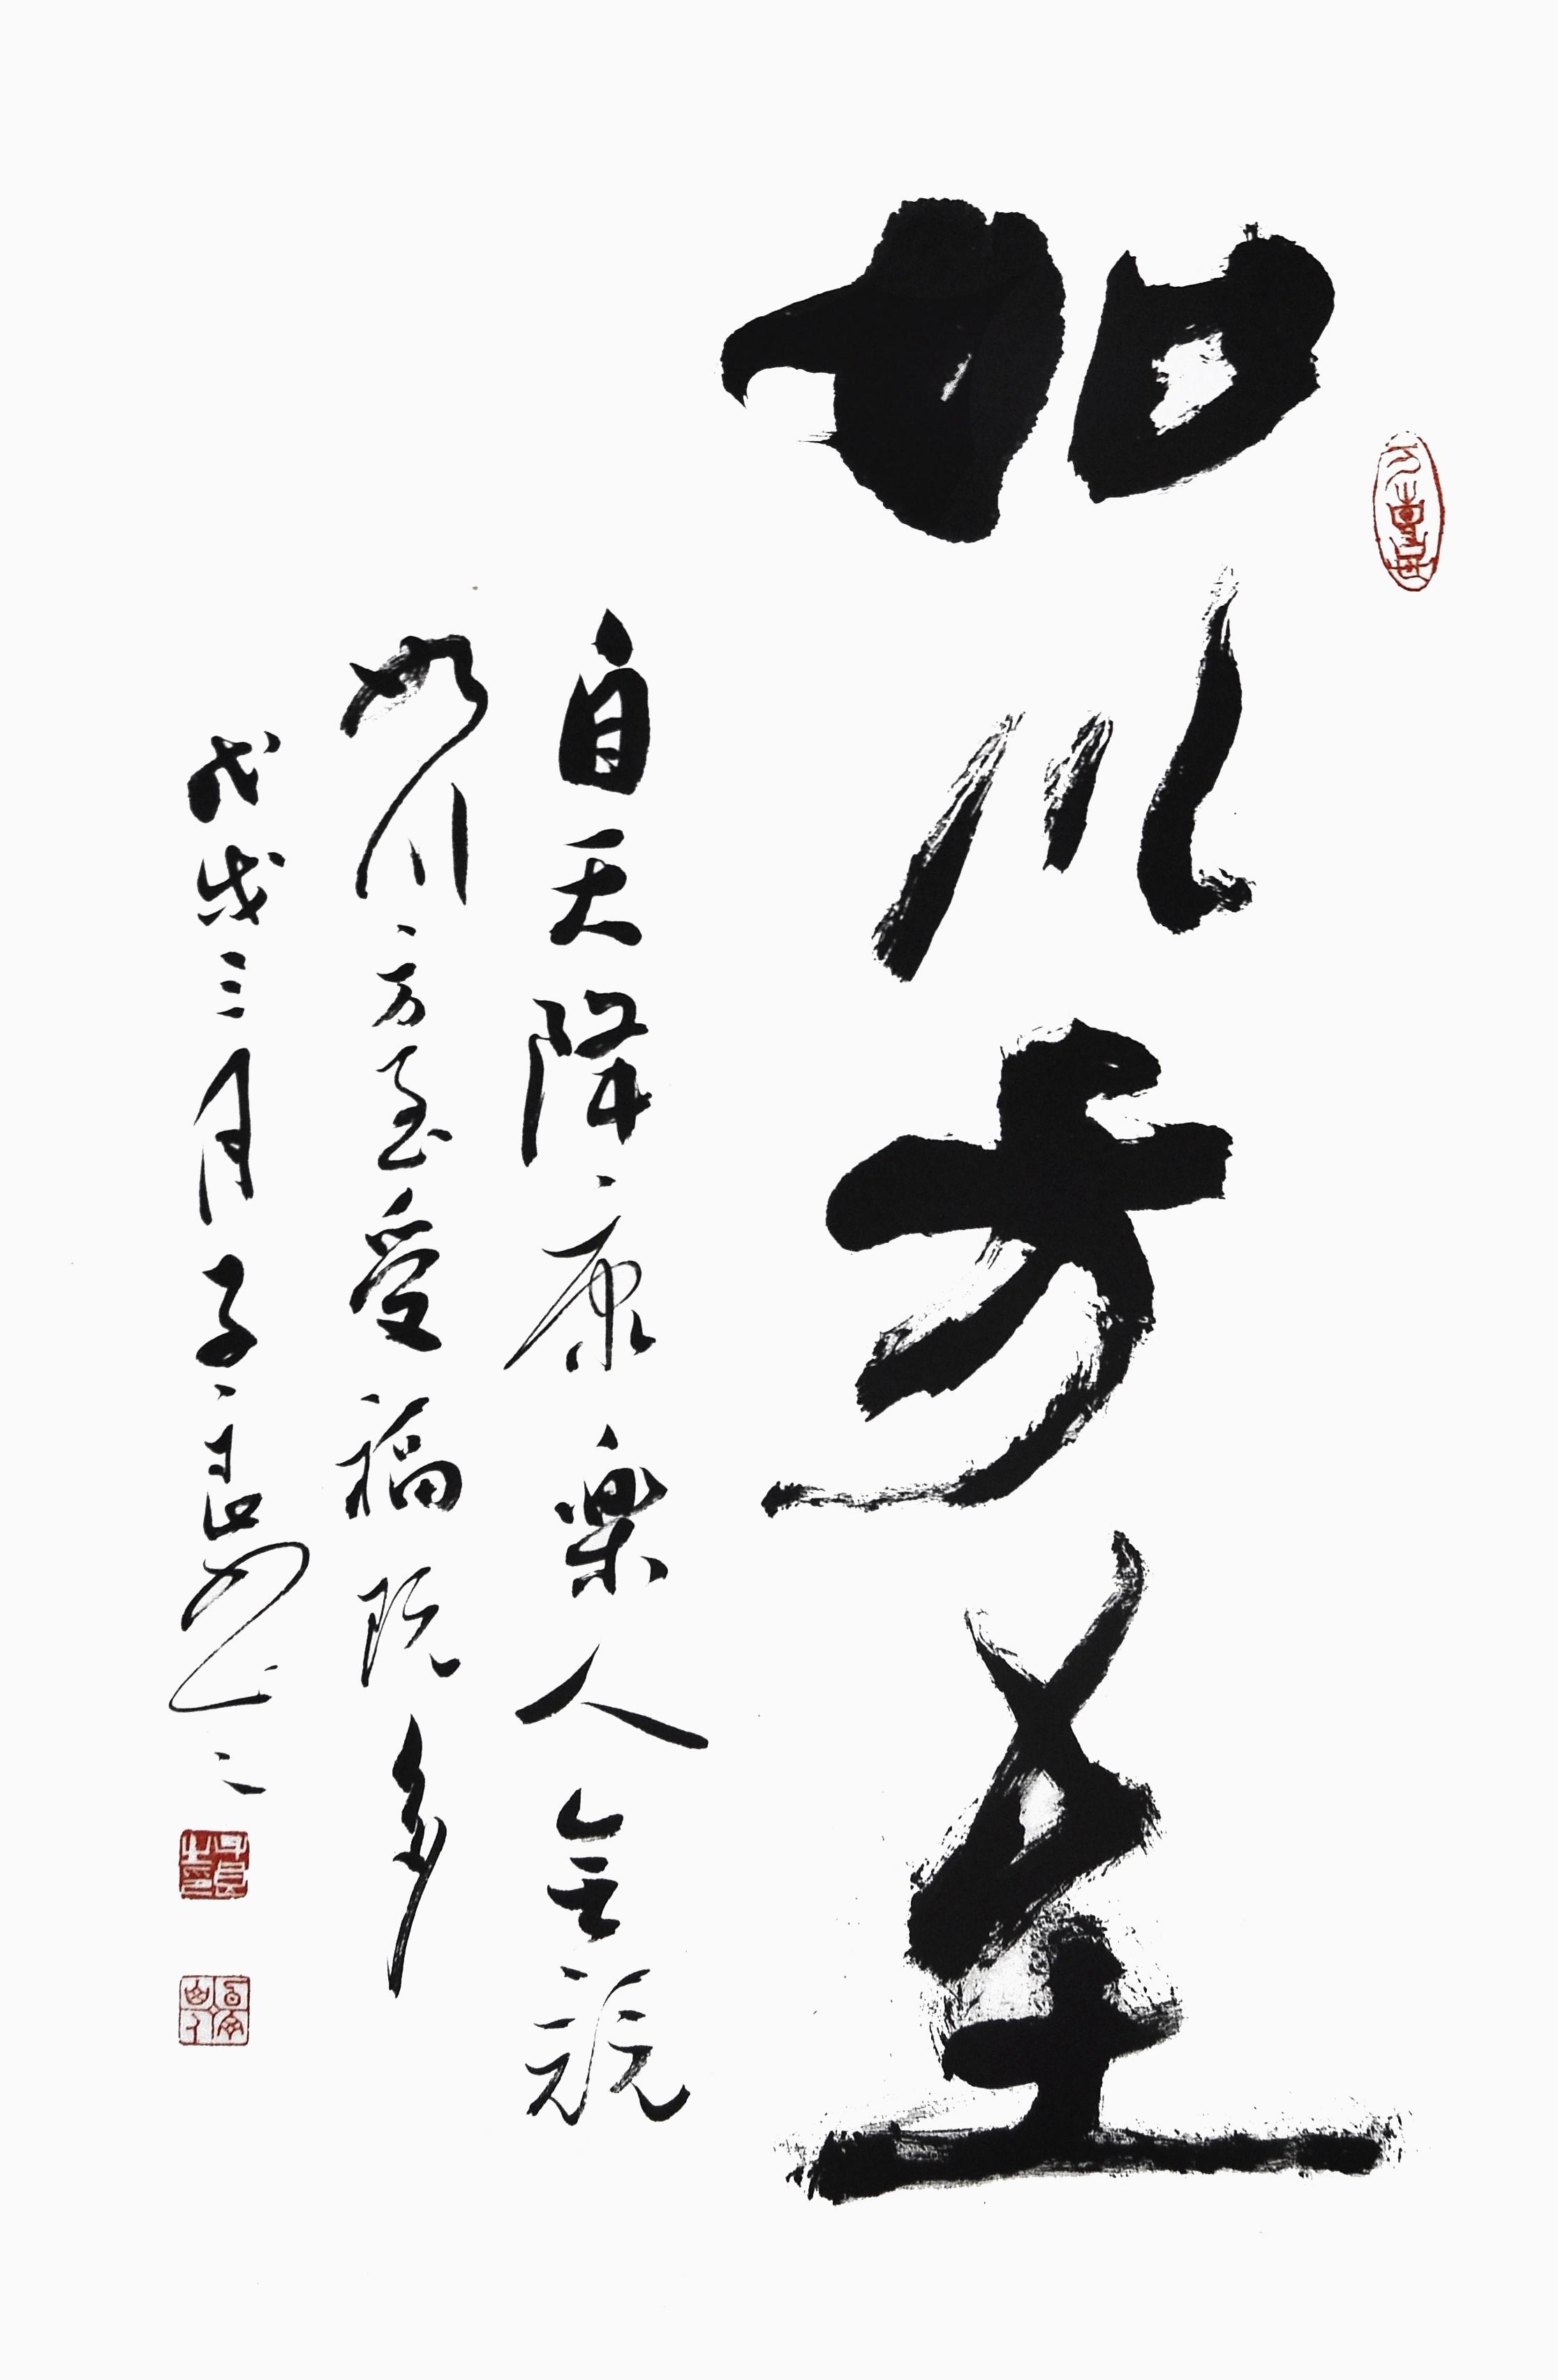 自天降康乐人无竞,如川方至受福既多45×68cm.JPG